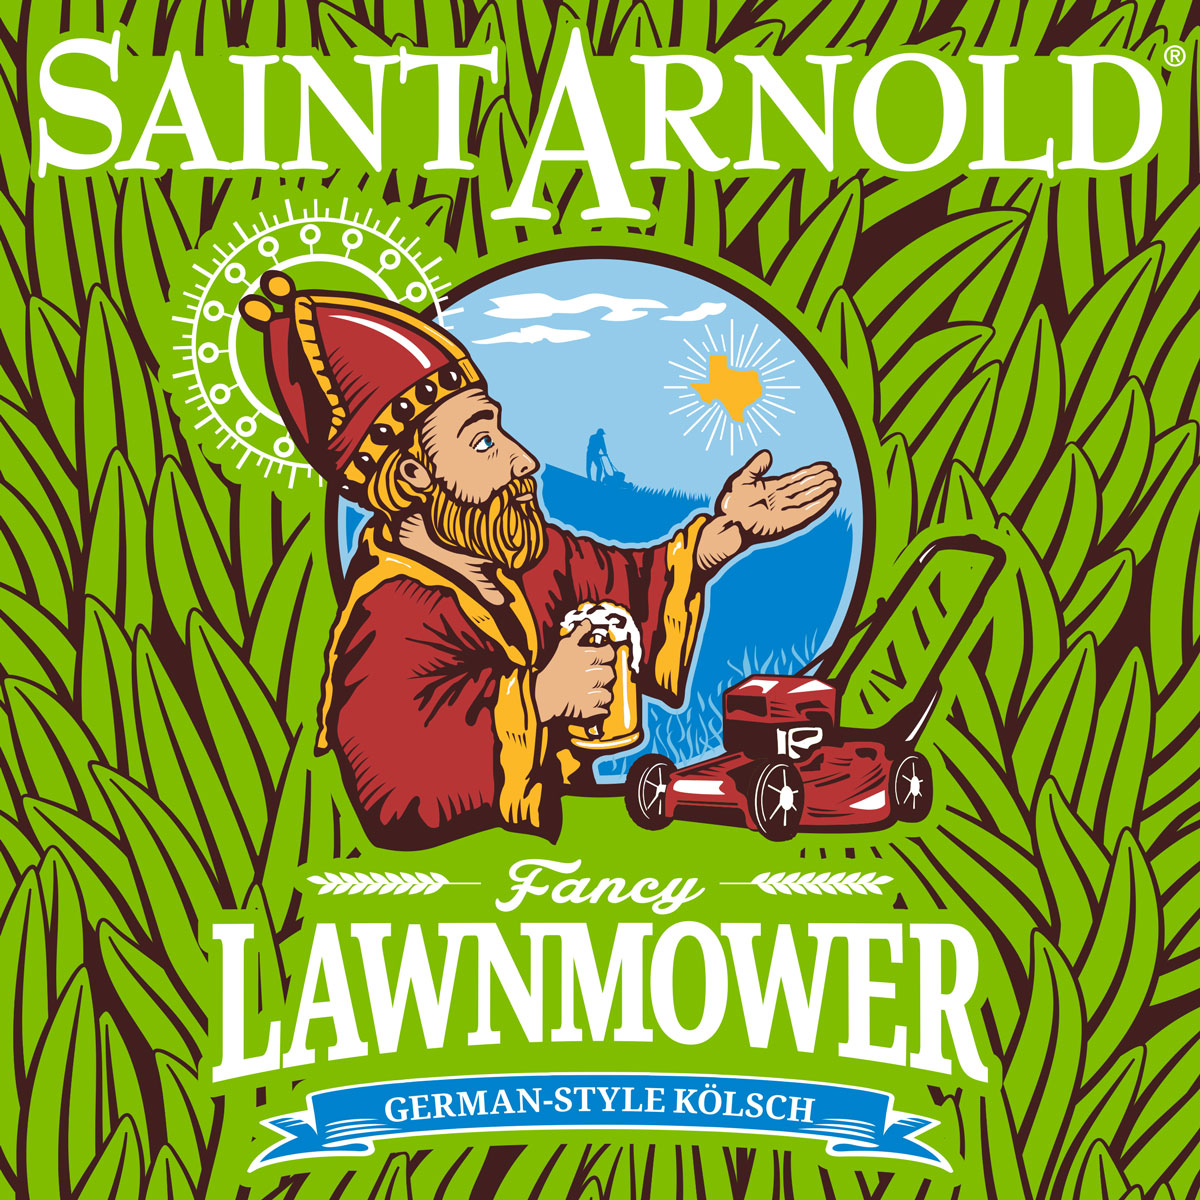 brand_image_fancy_lawnmower.jpg